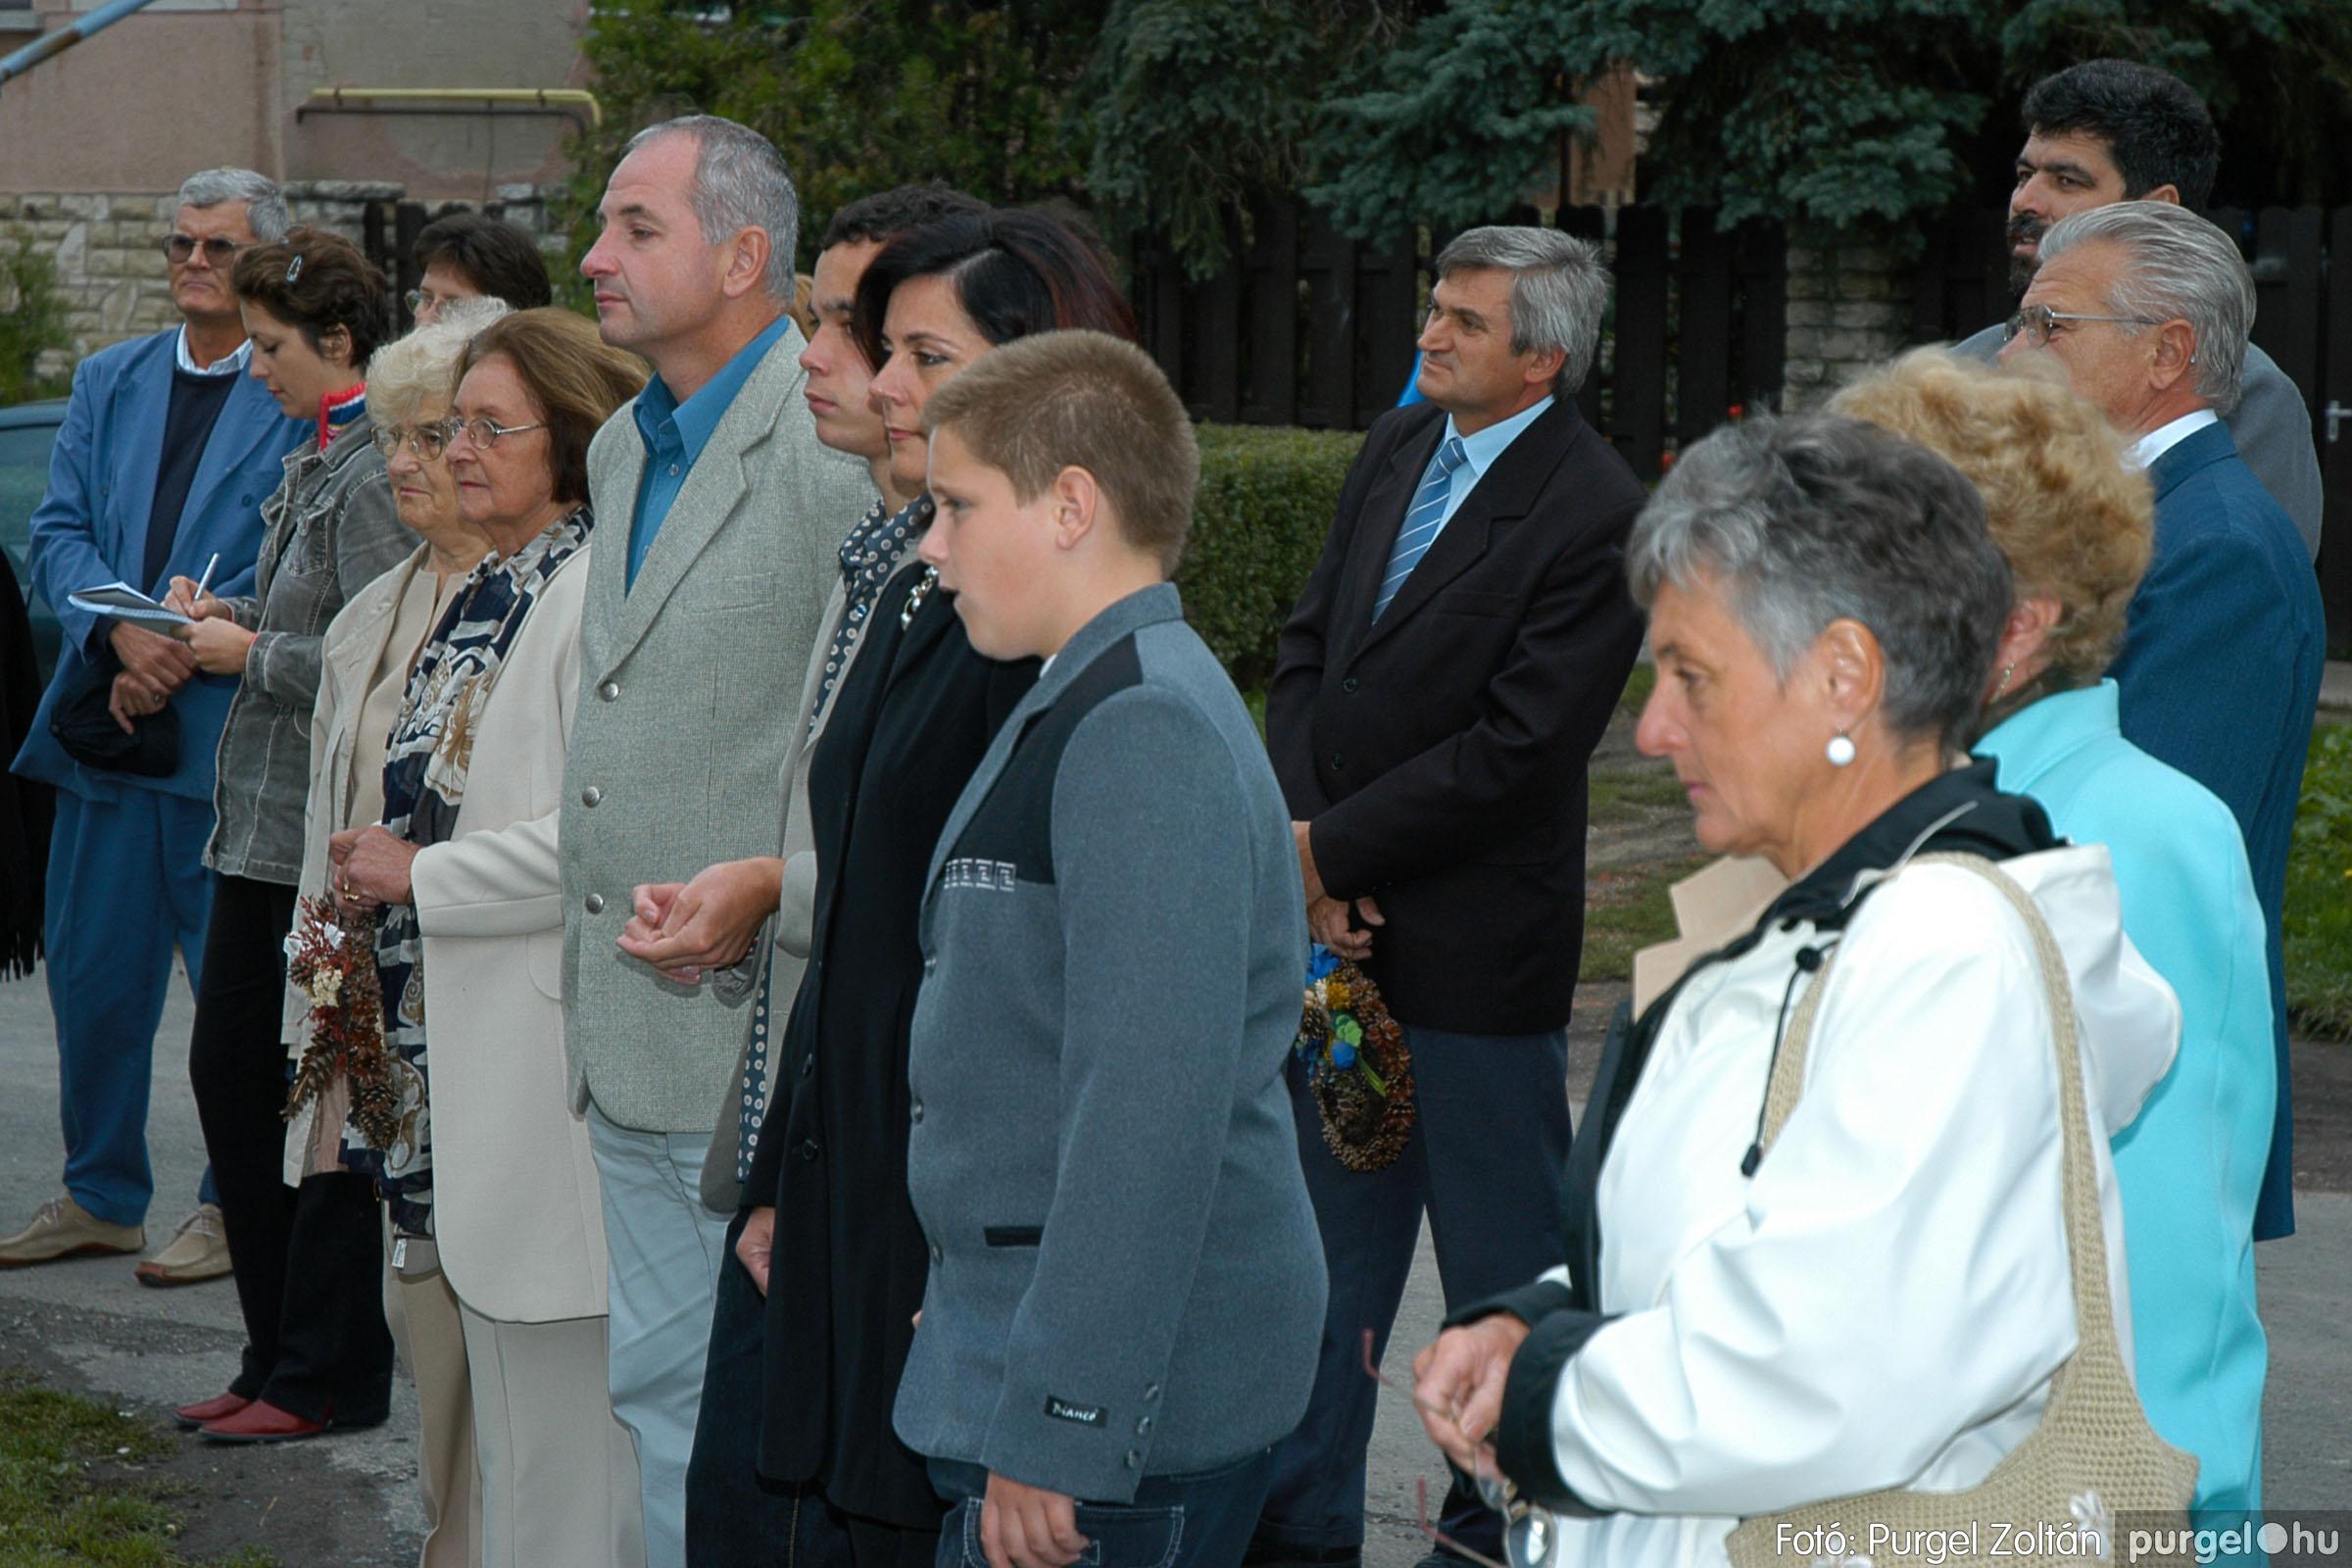 2004.09.25. 002 Dr. Csergő Károly alispán és kora című kiállítás és emléktábla avatás - Fotó:P. Z.©.jpg